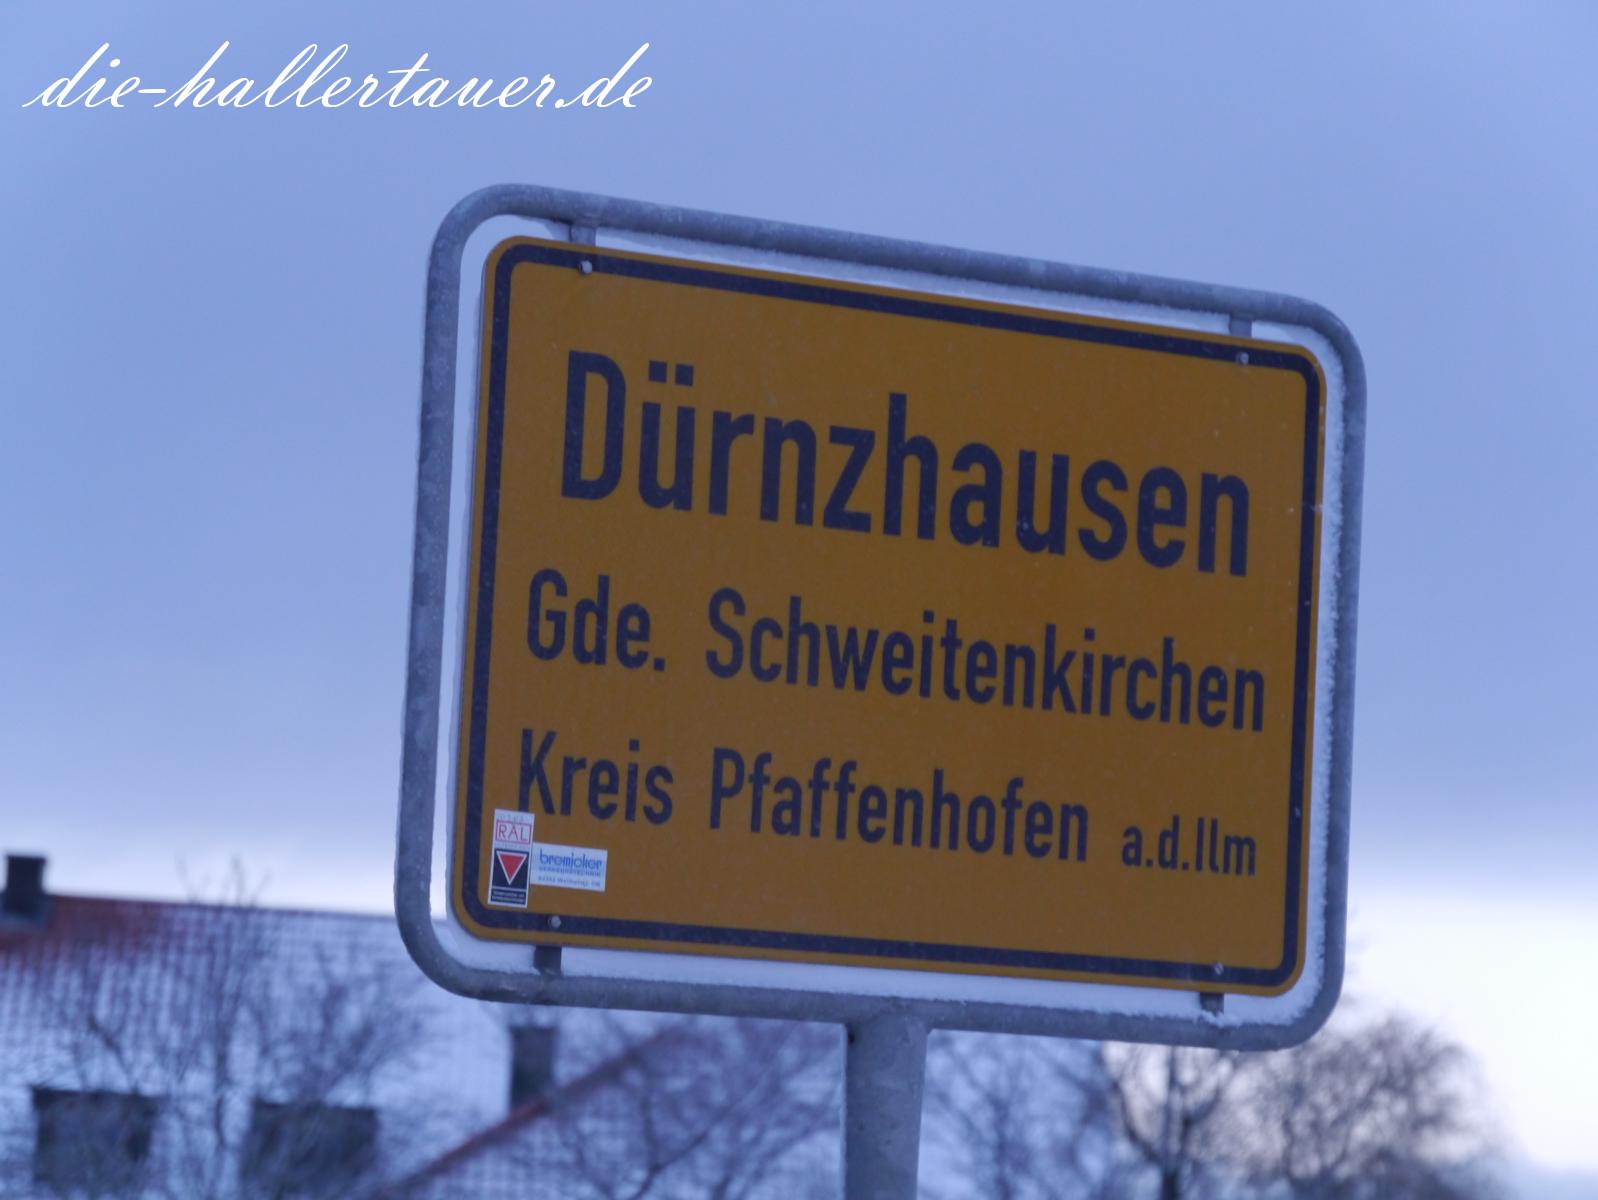 Dürnzhausen